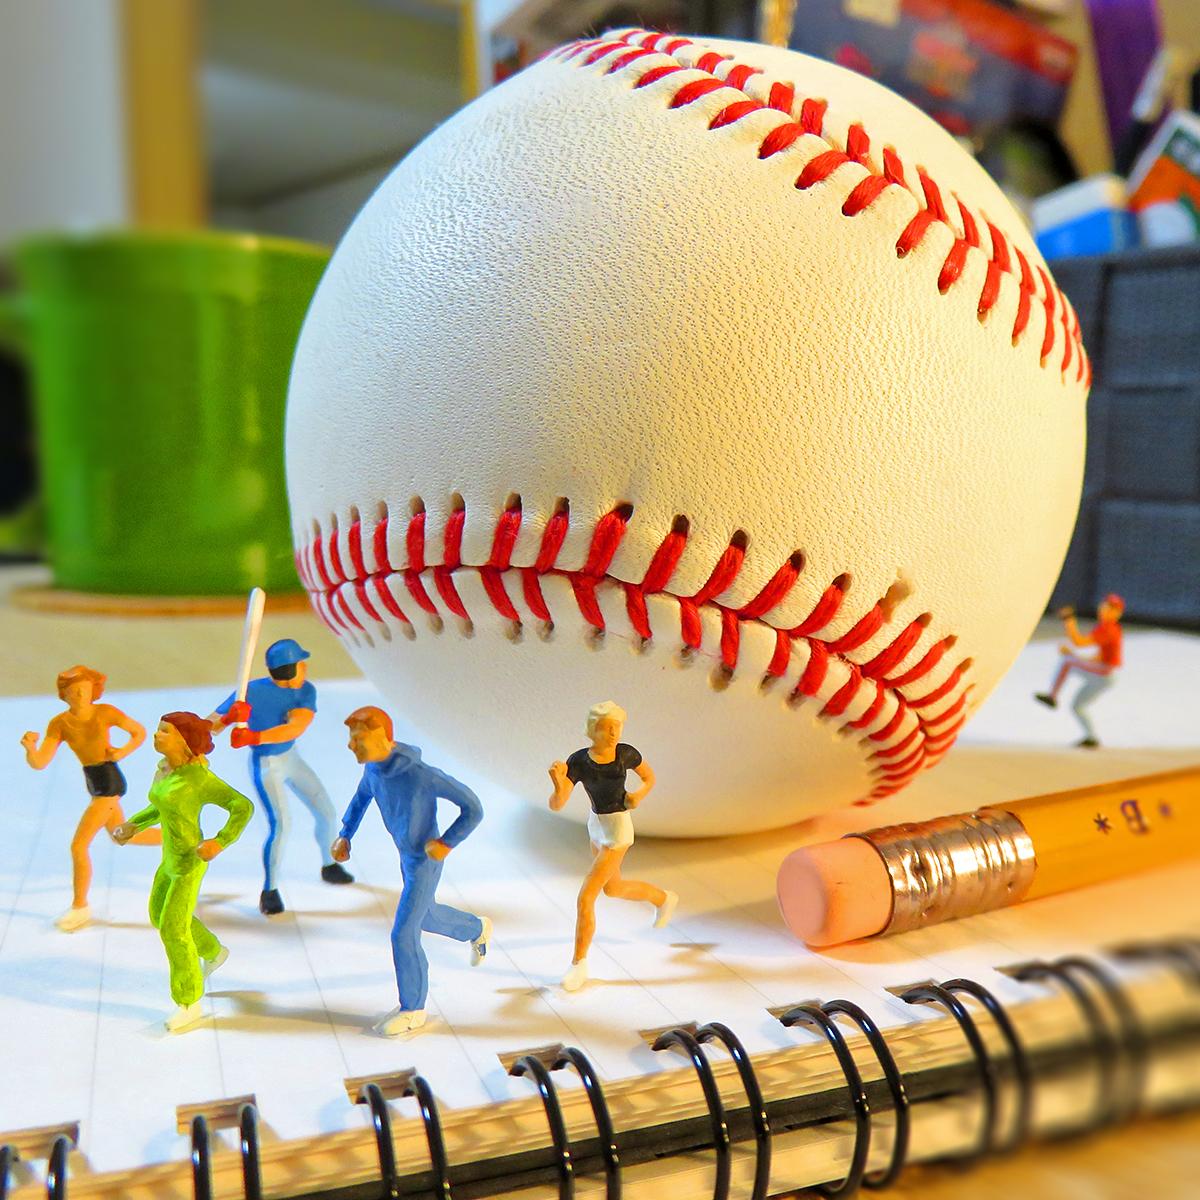 迫って来る巨大野球ボールを打つバッターと逃げる人達